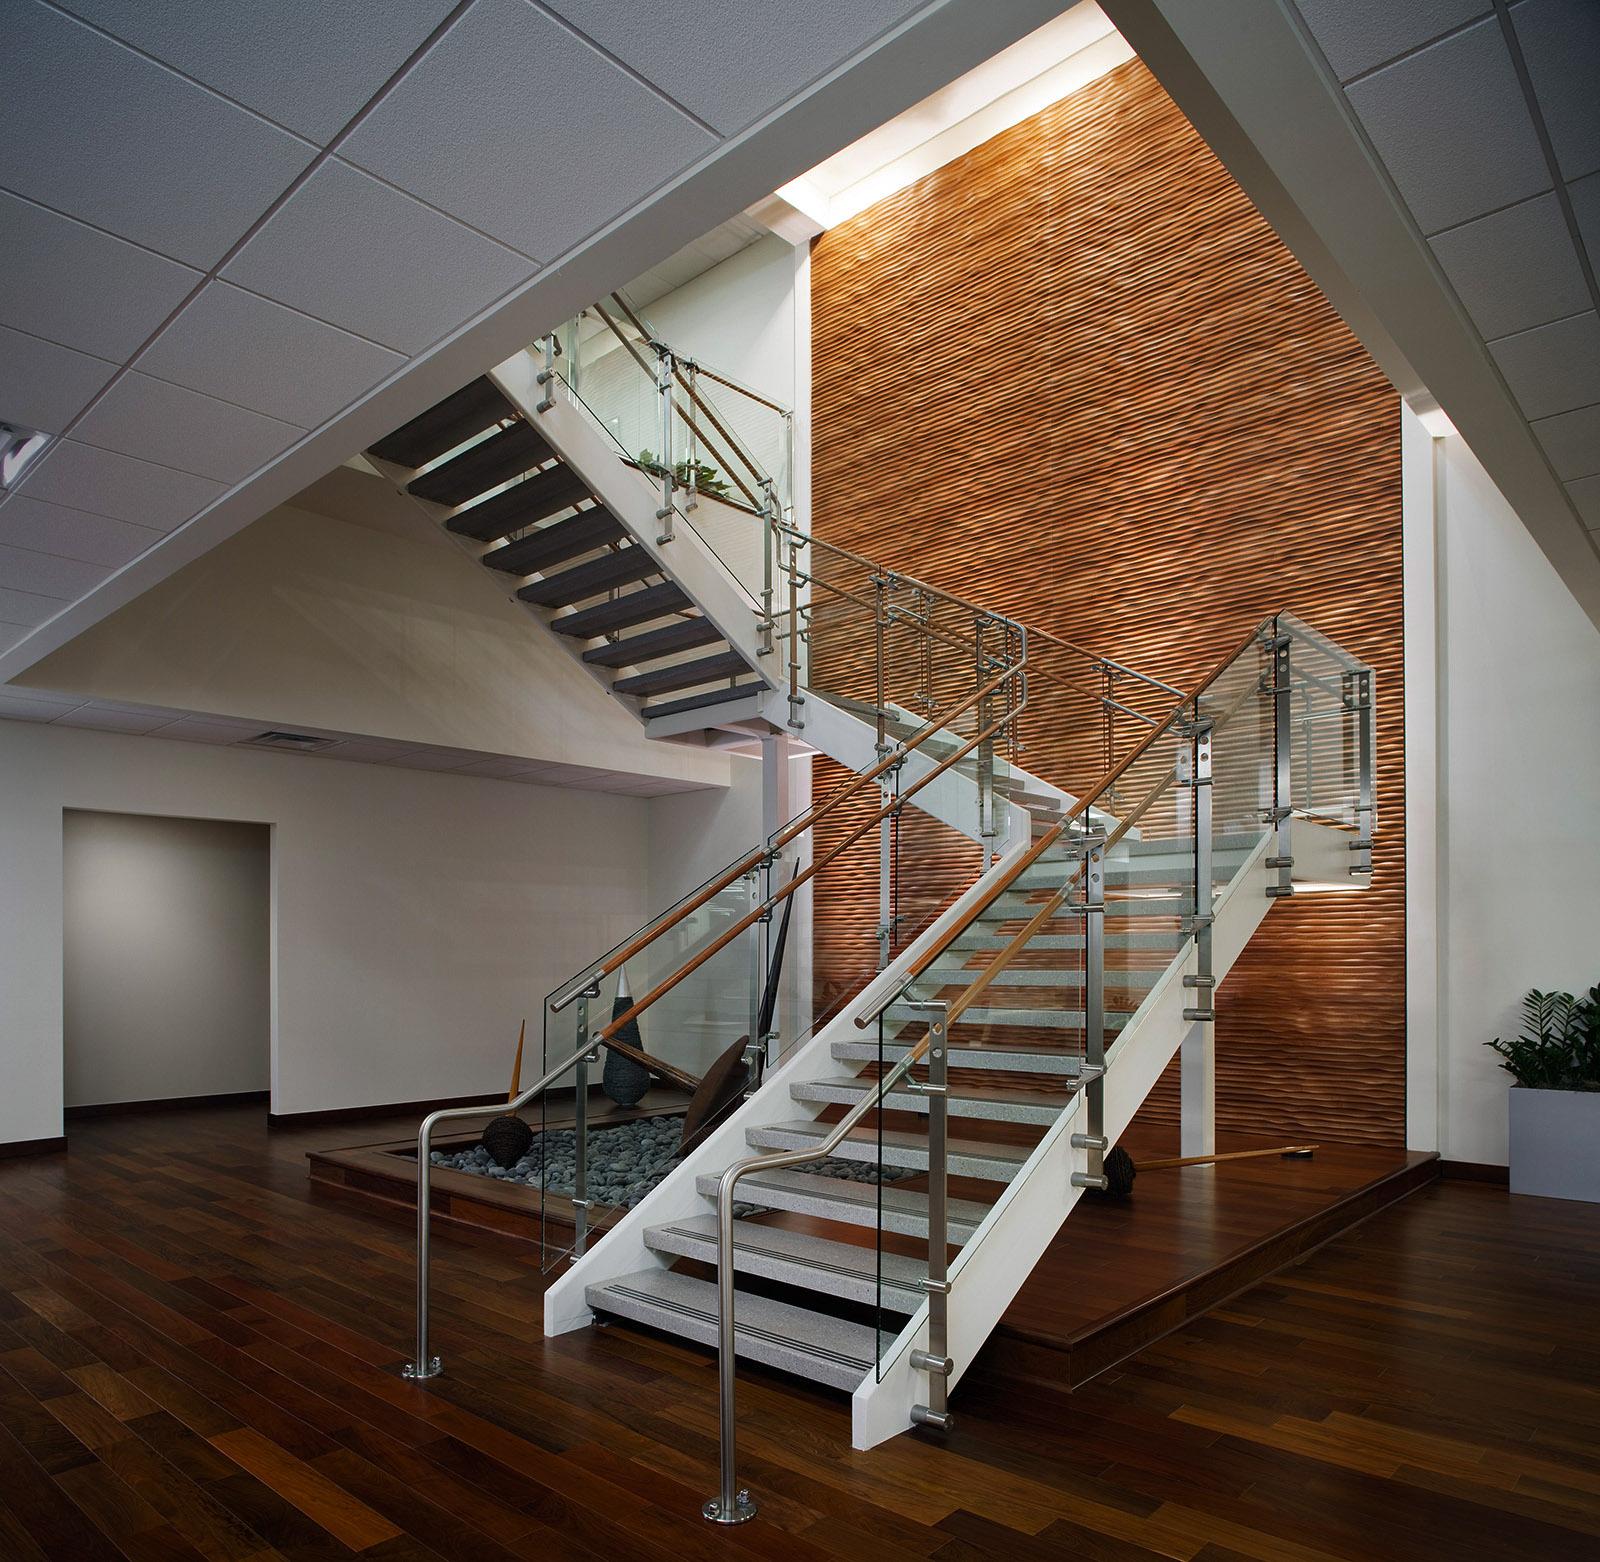 StateNational Stairs.jpg